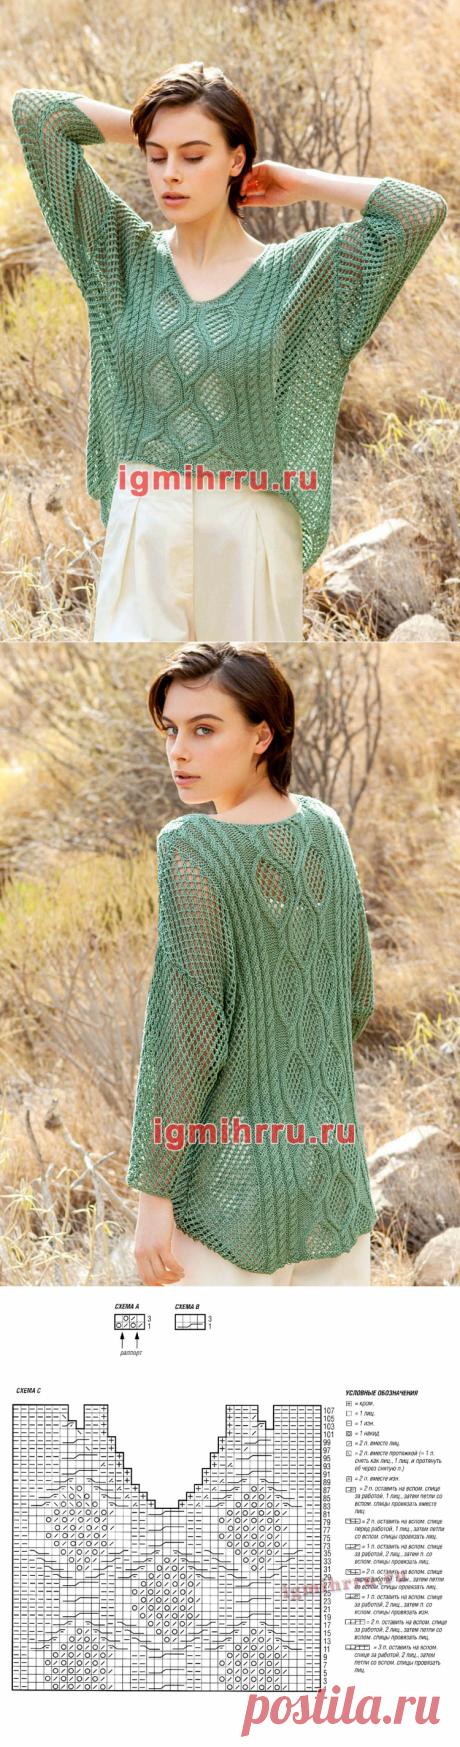 Зеленый пуловер с ажуром и «косами». Вязание спицами со схемами и описанием